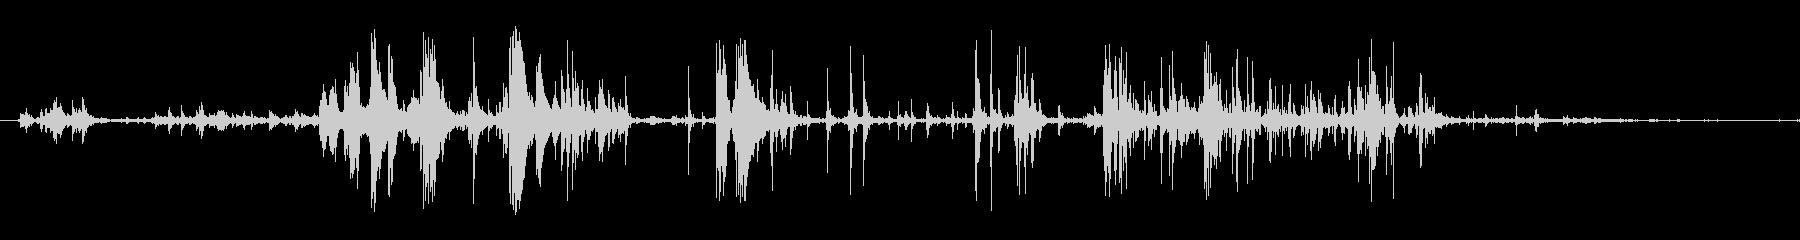 食べる音03(ポテトチップスなど)の未再生の波形